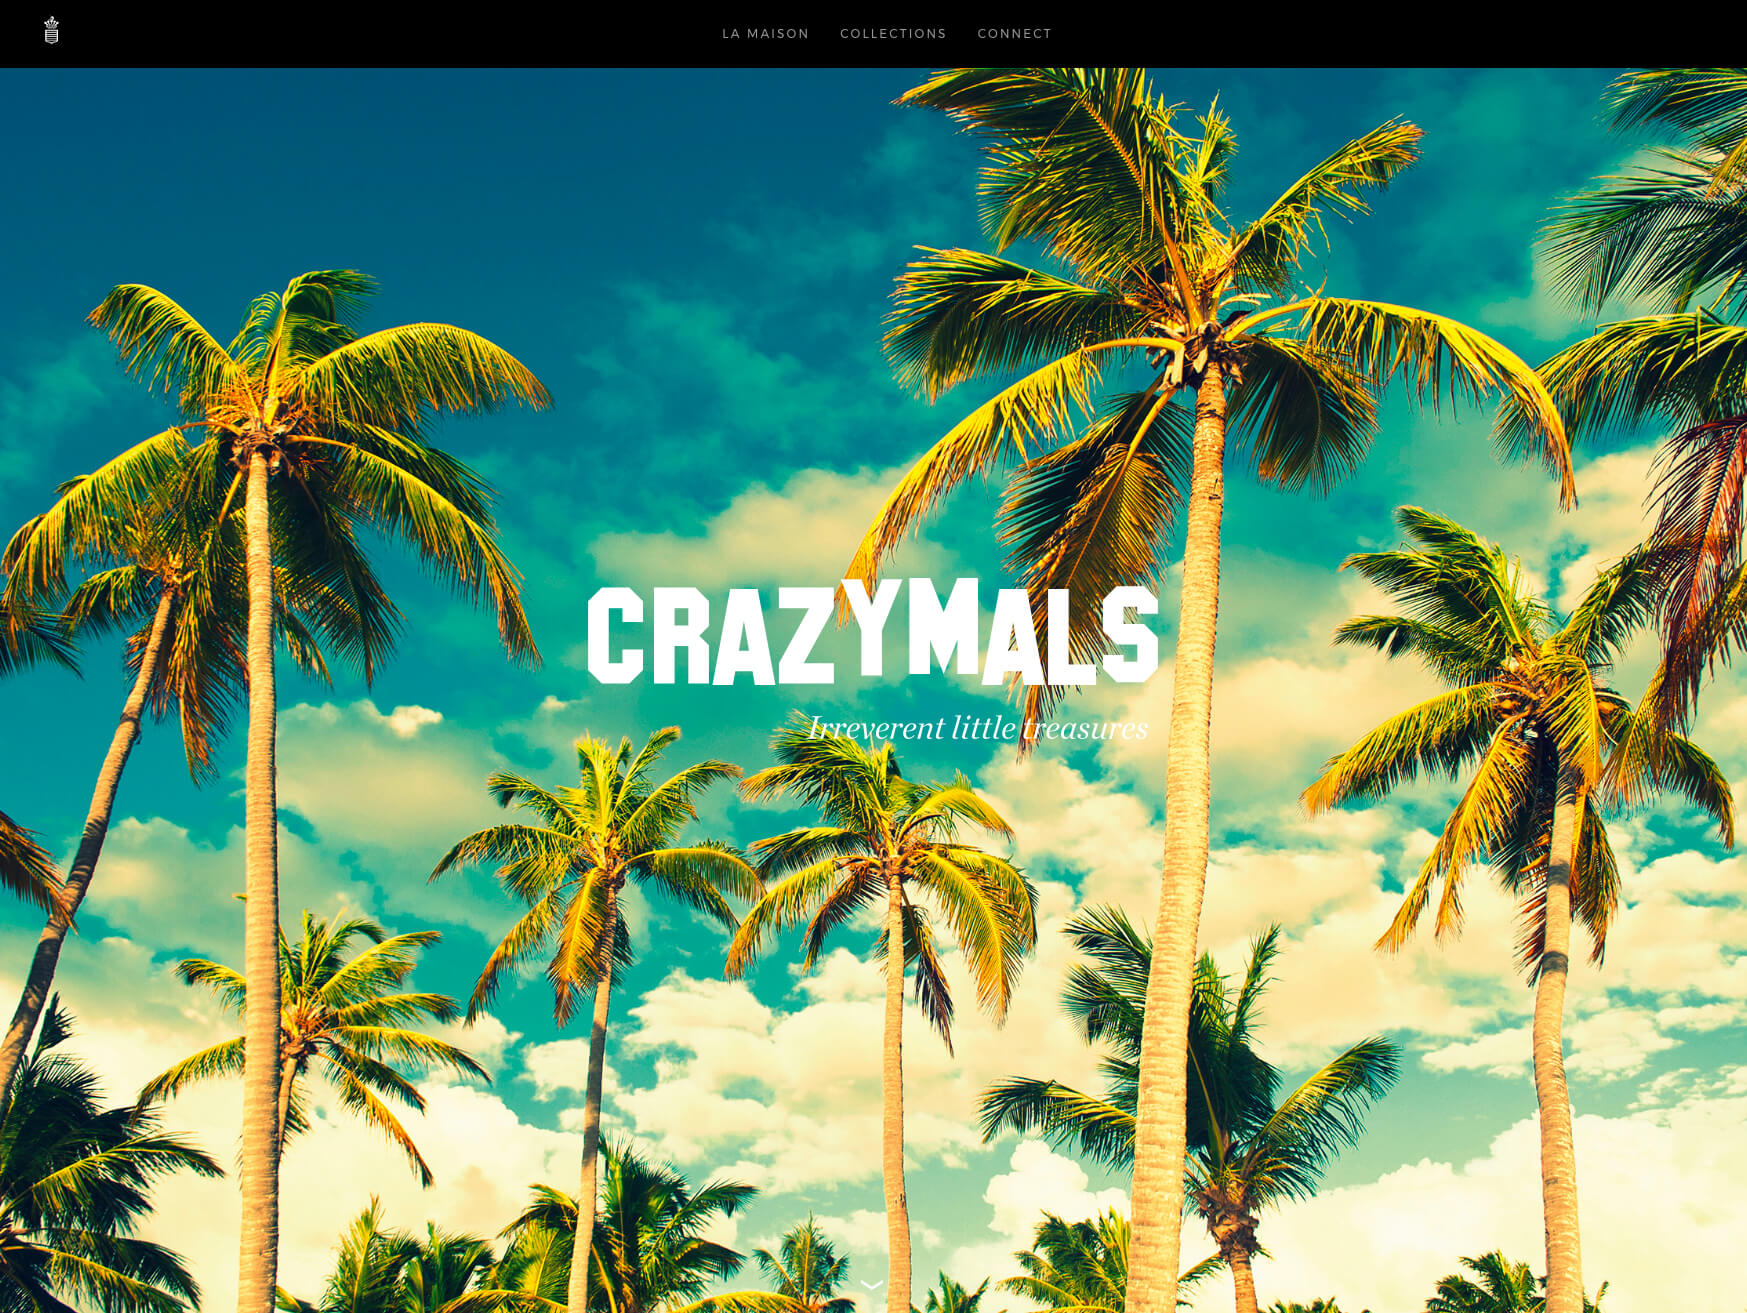 de GRISOGONO - Crazymals